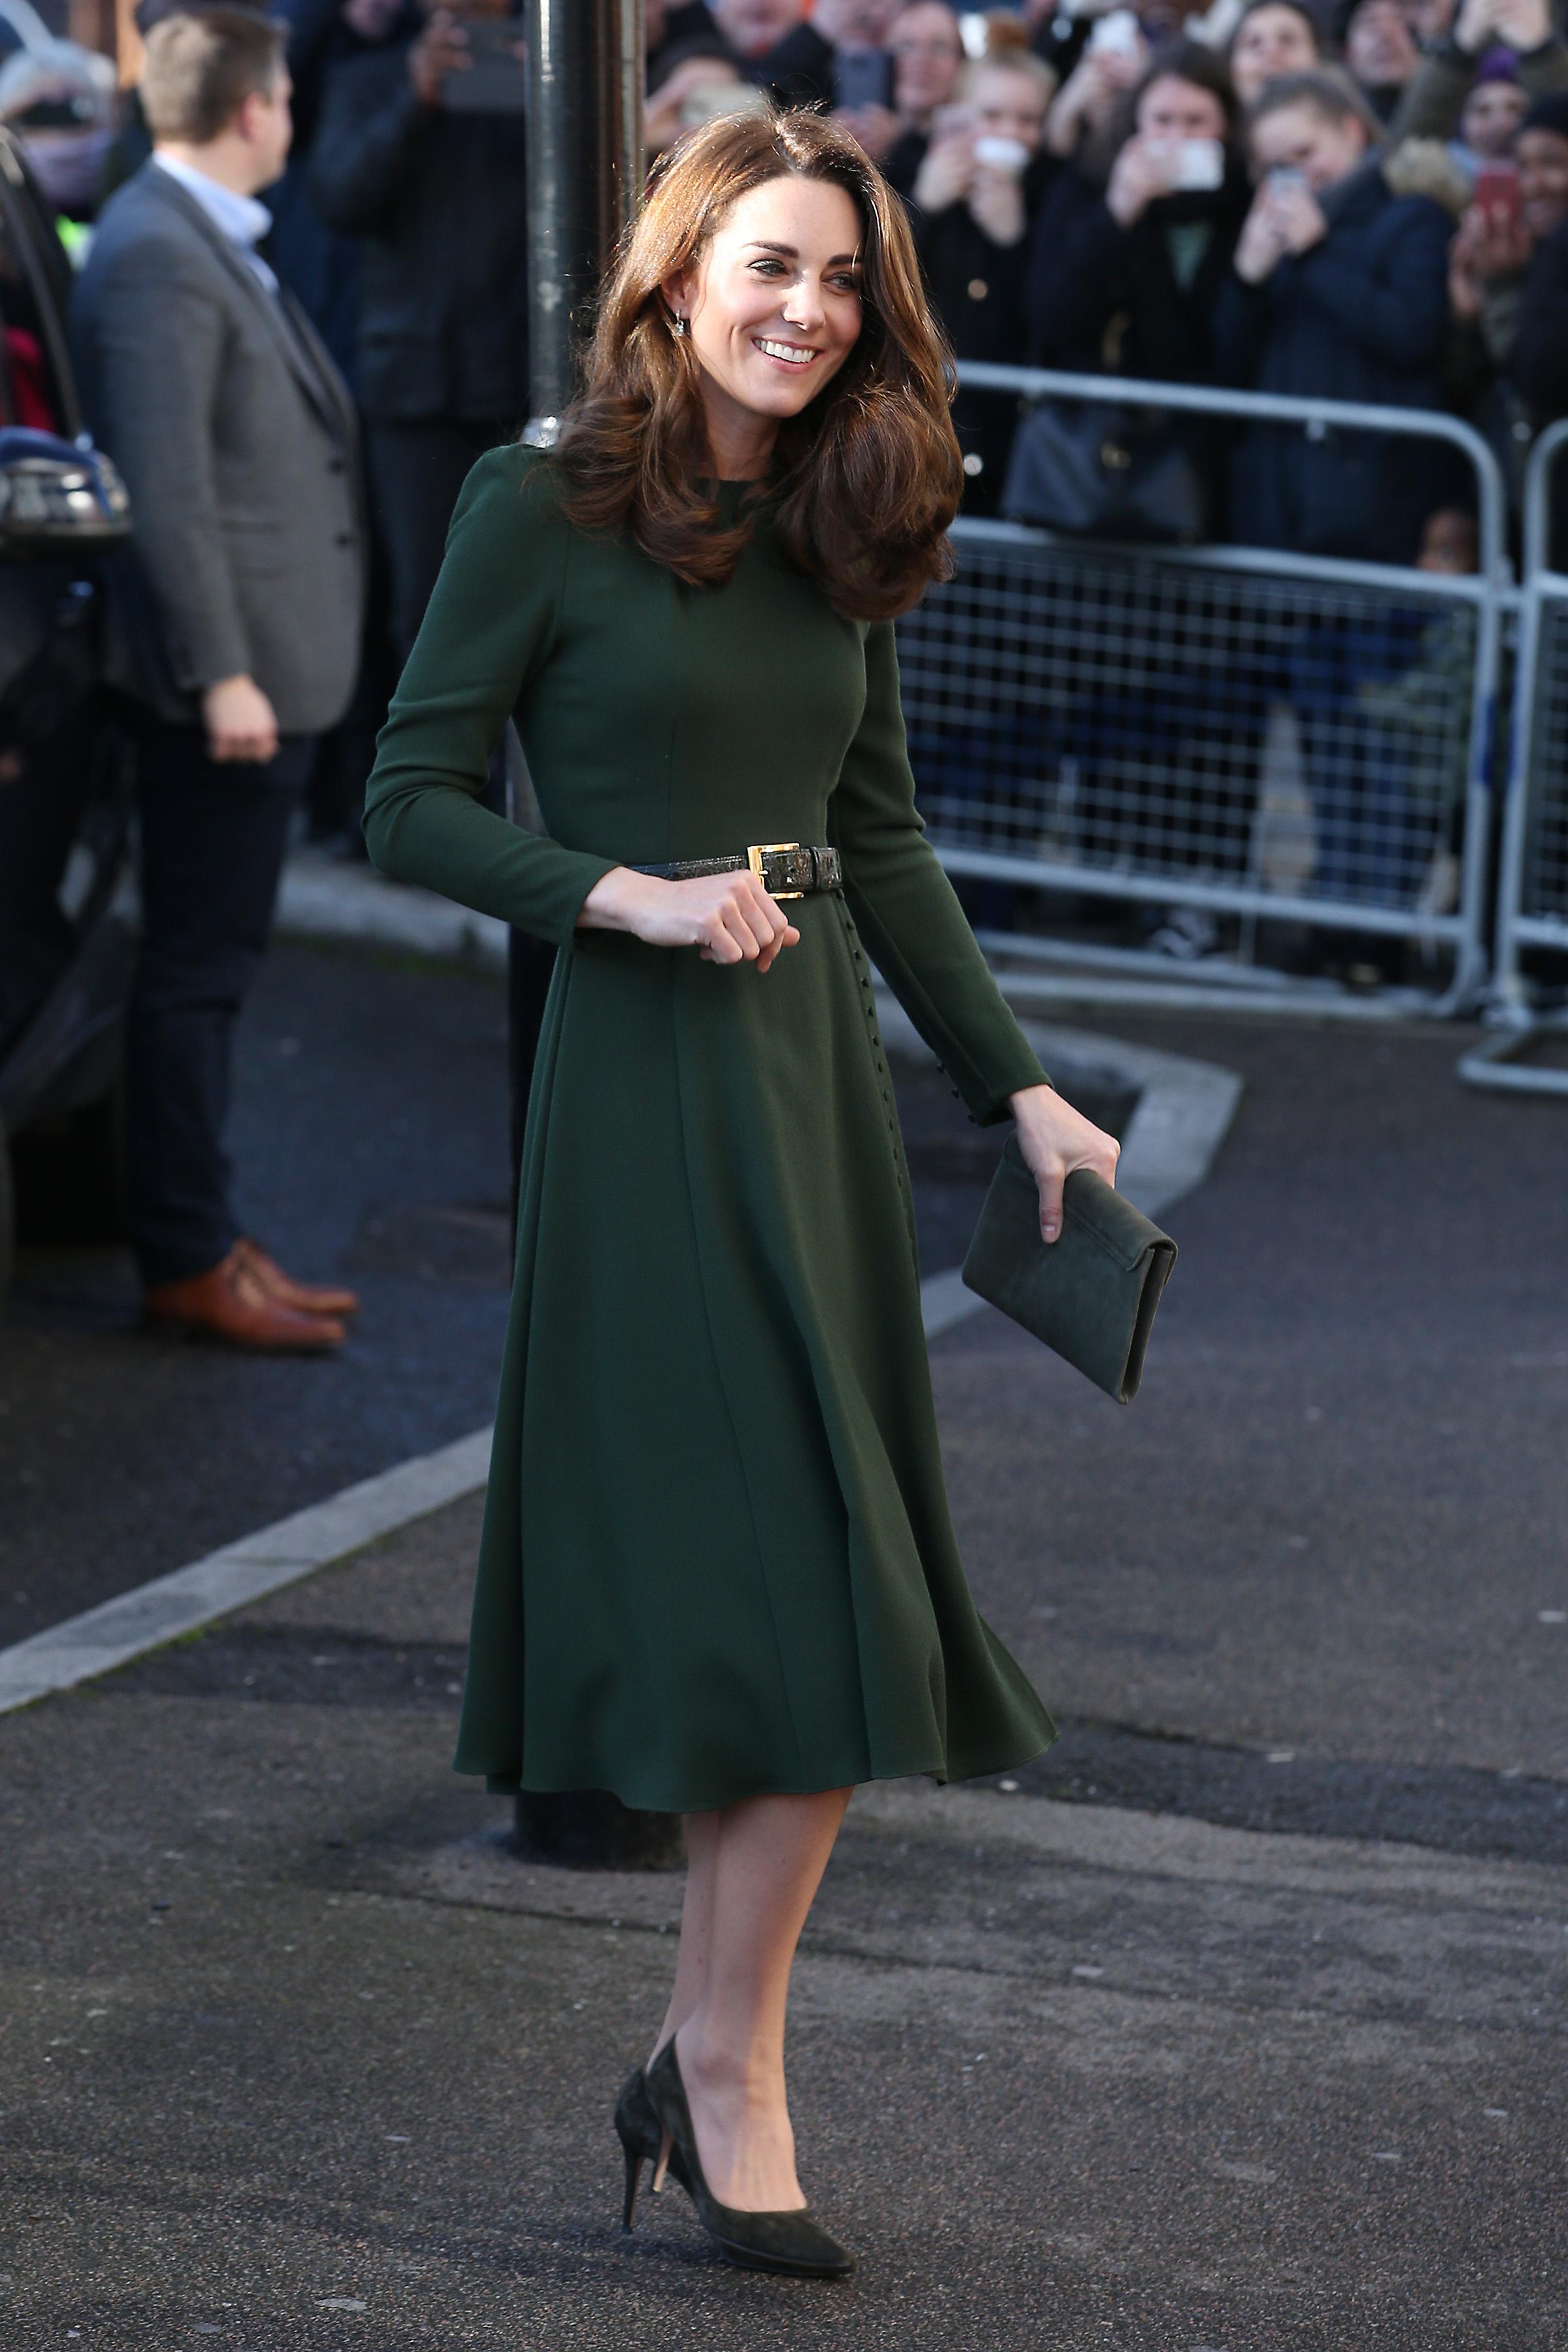 72ea738af7 Katalin hercegné méregzöld ruhában tündökölt - Fantasztikus alakját ...